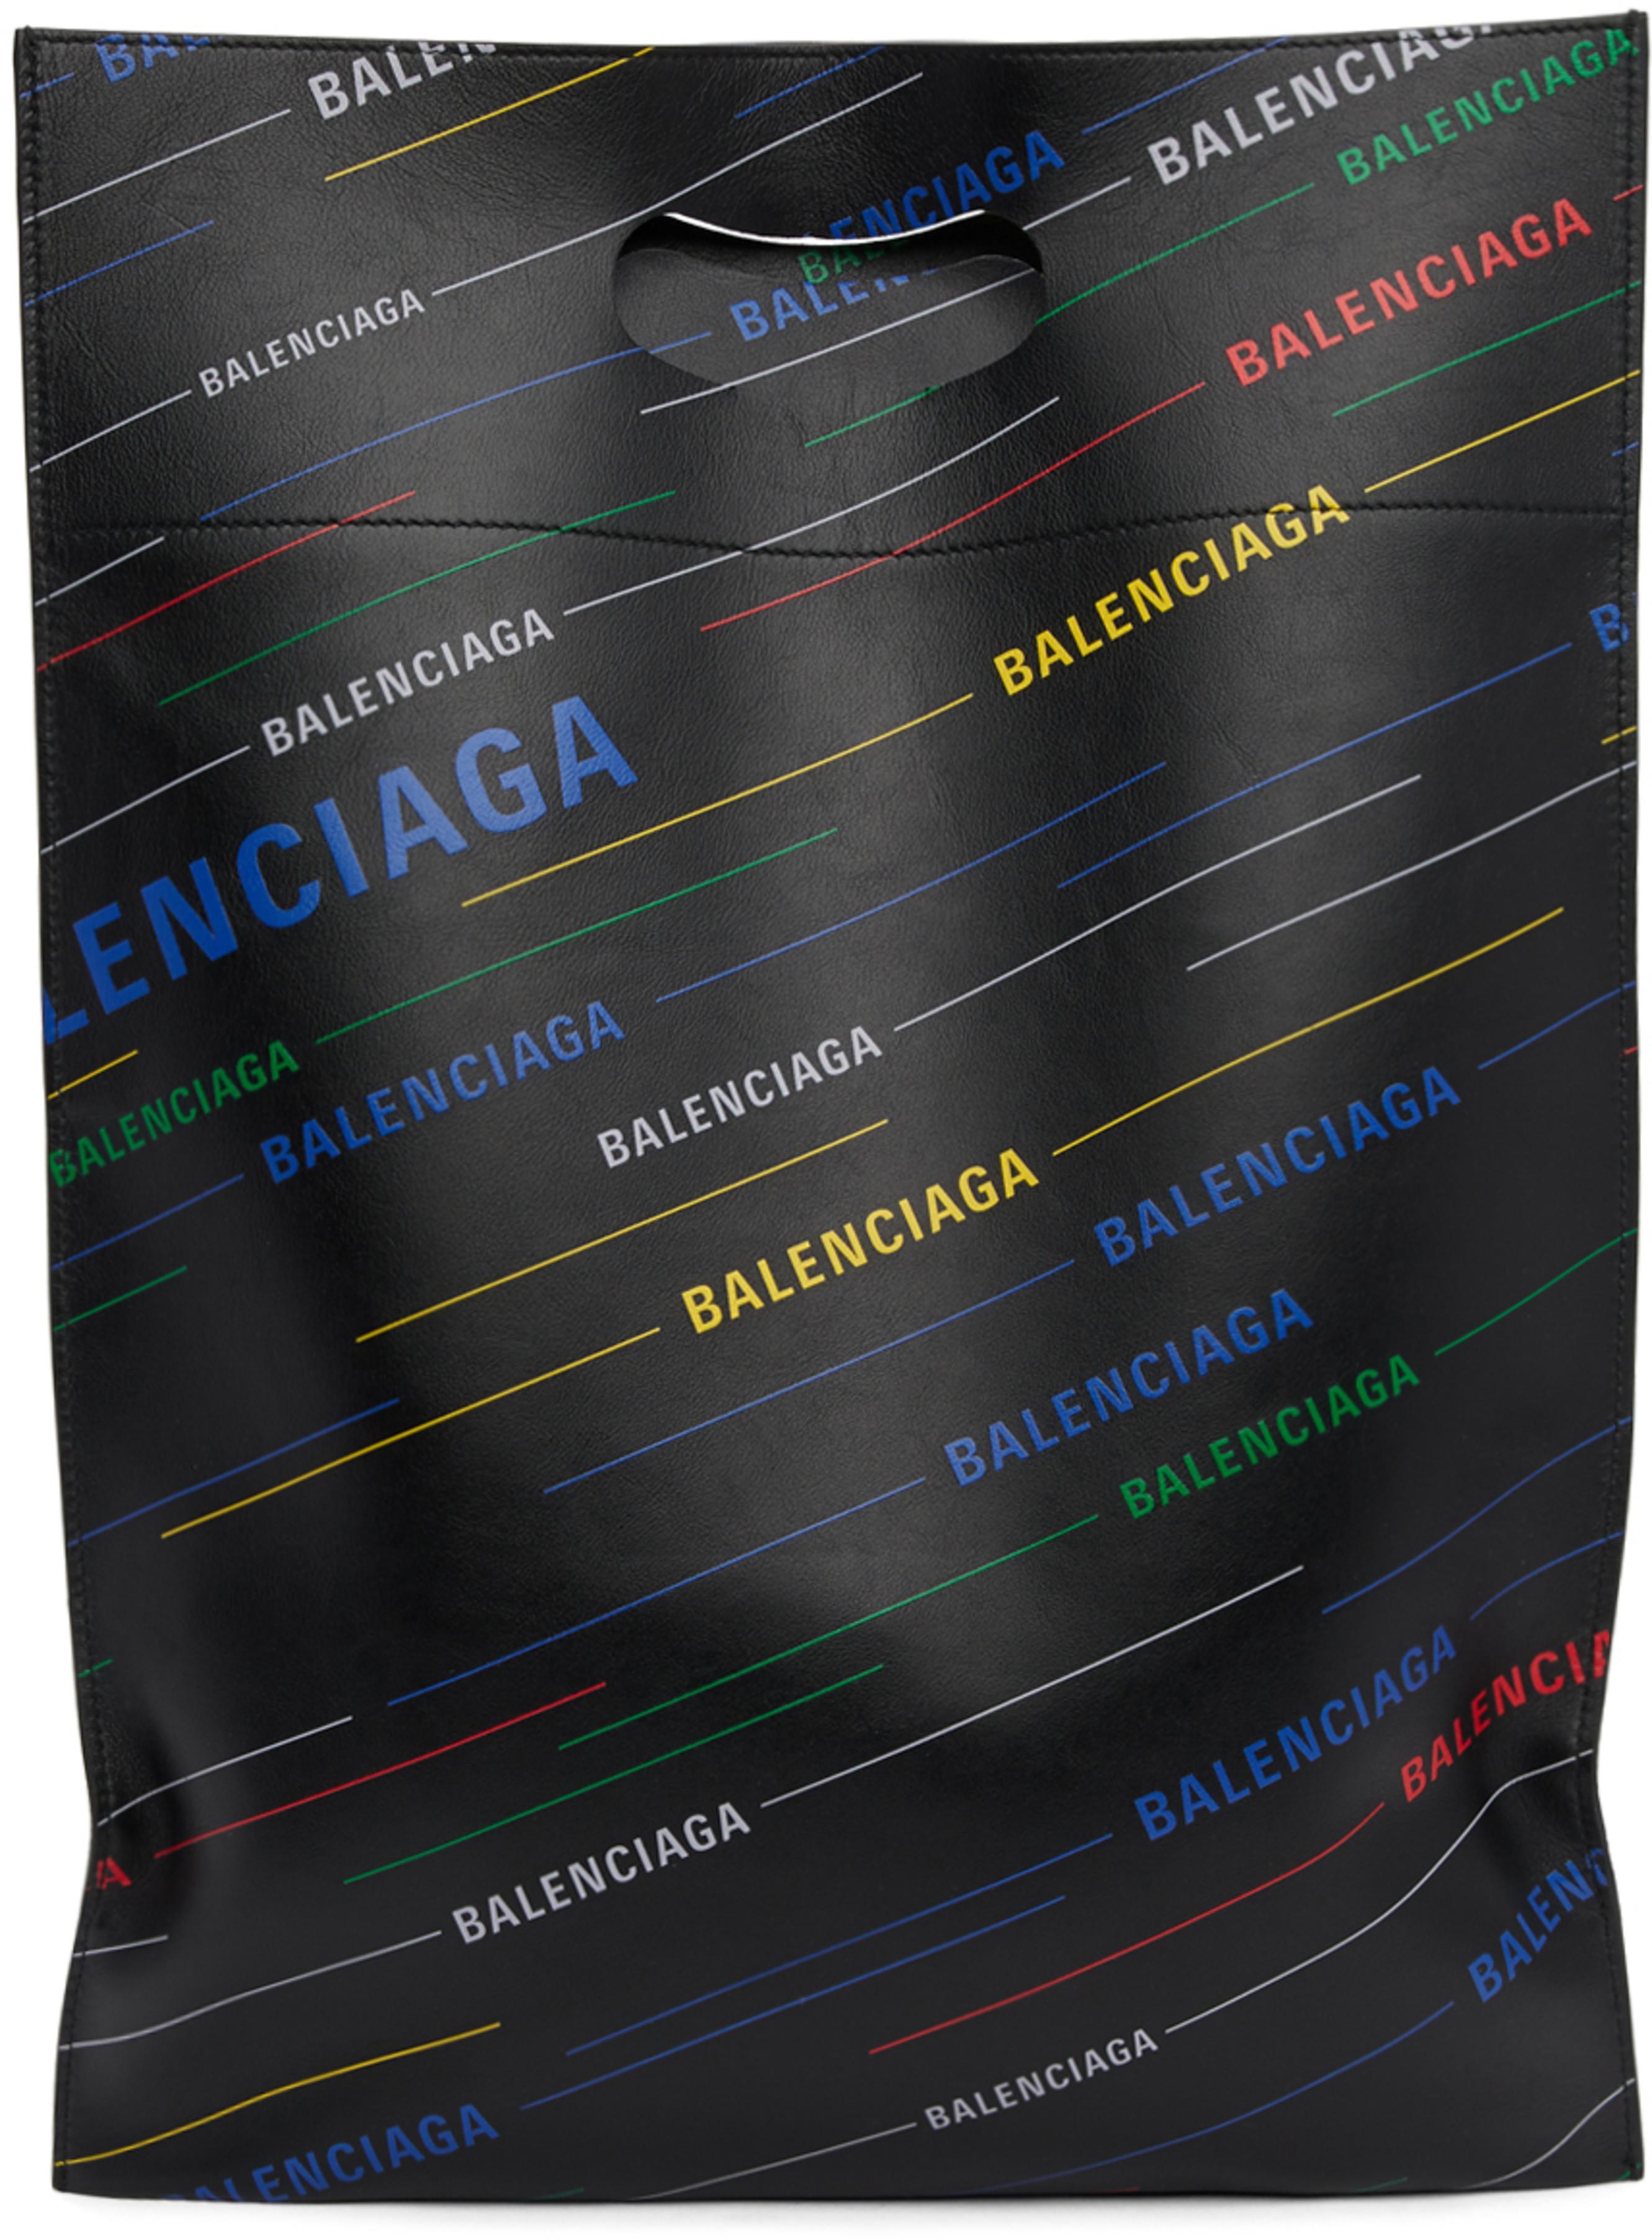 Balenciaga for Men SS19 Collection  228dde7ce2f5